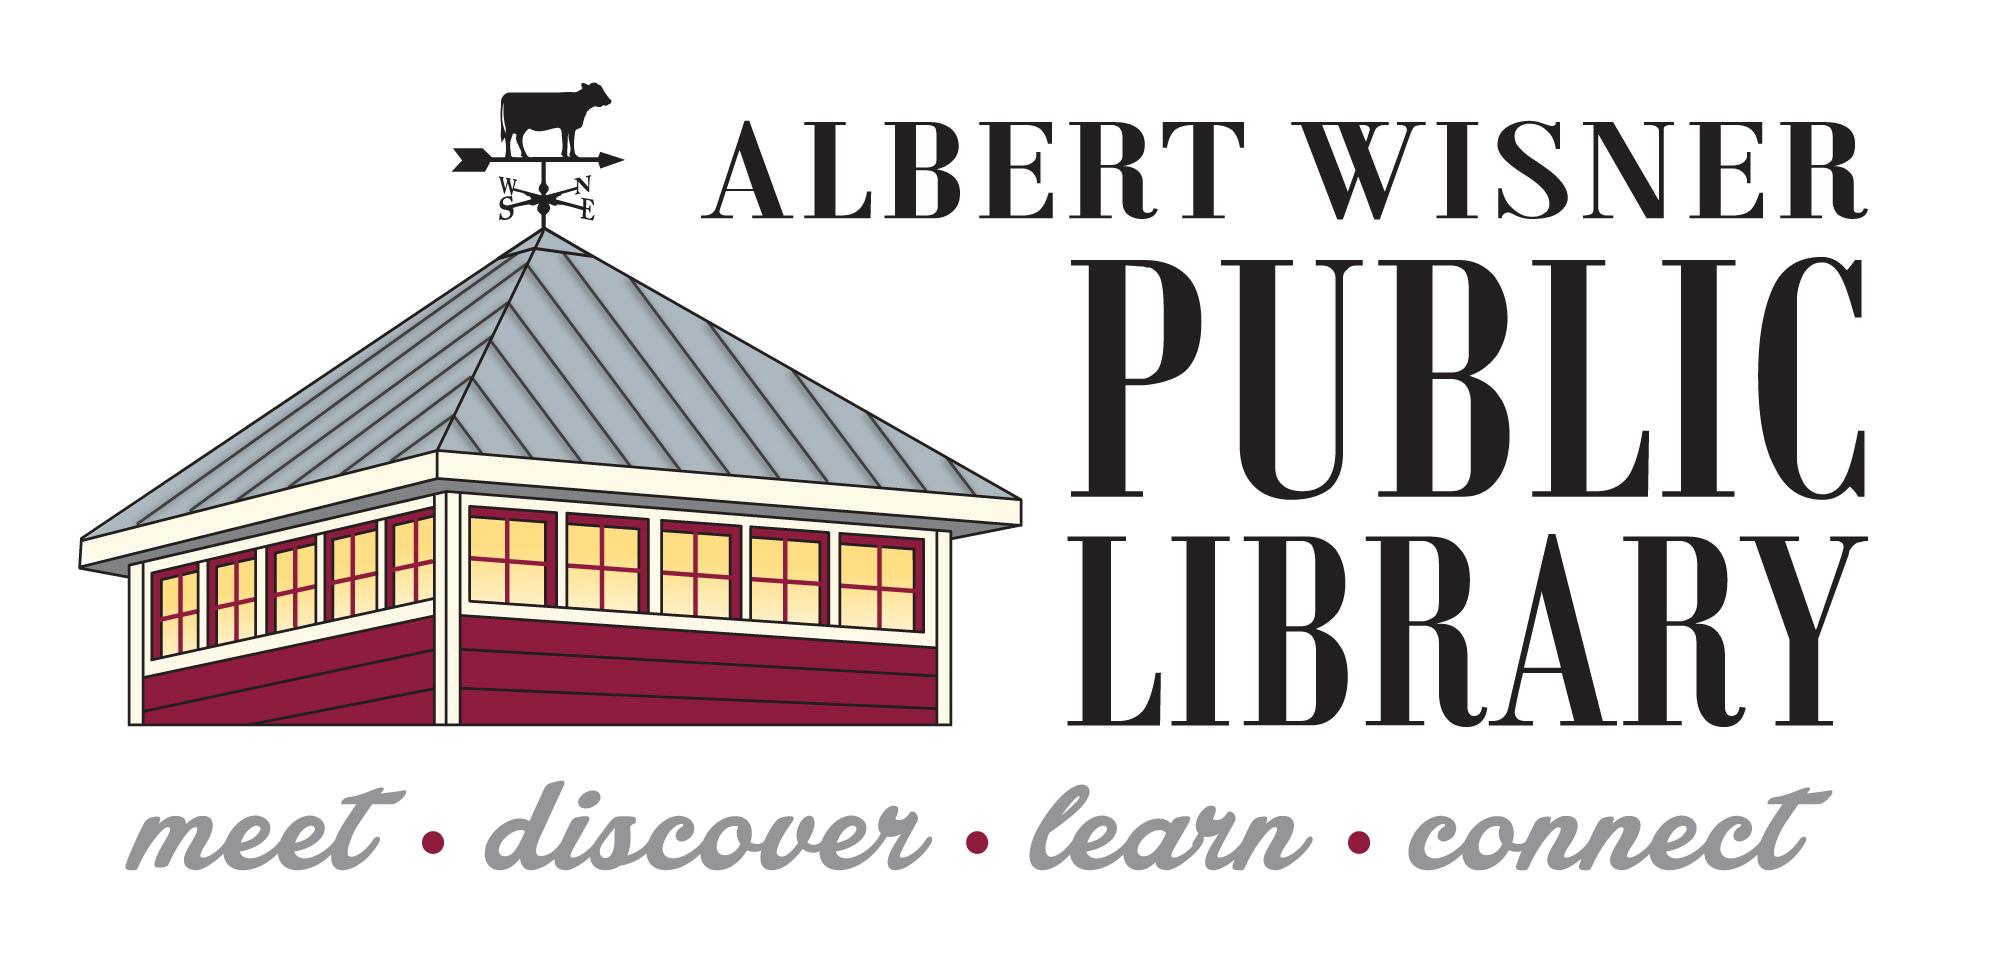 Albert Wisner Public Library